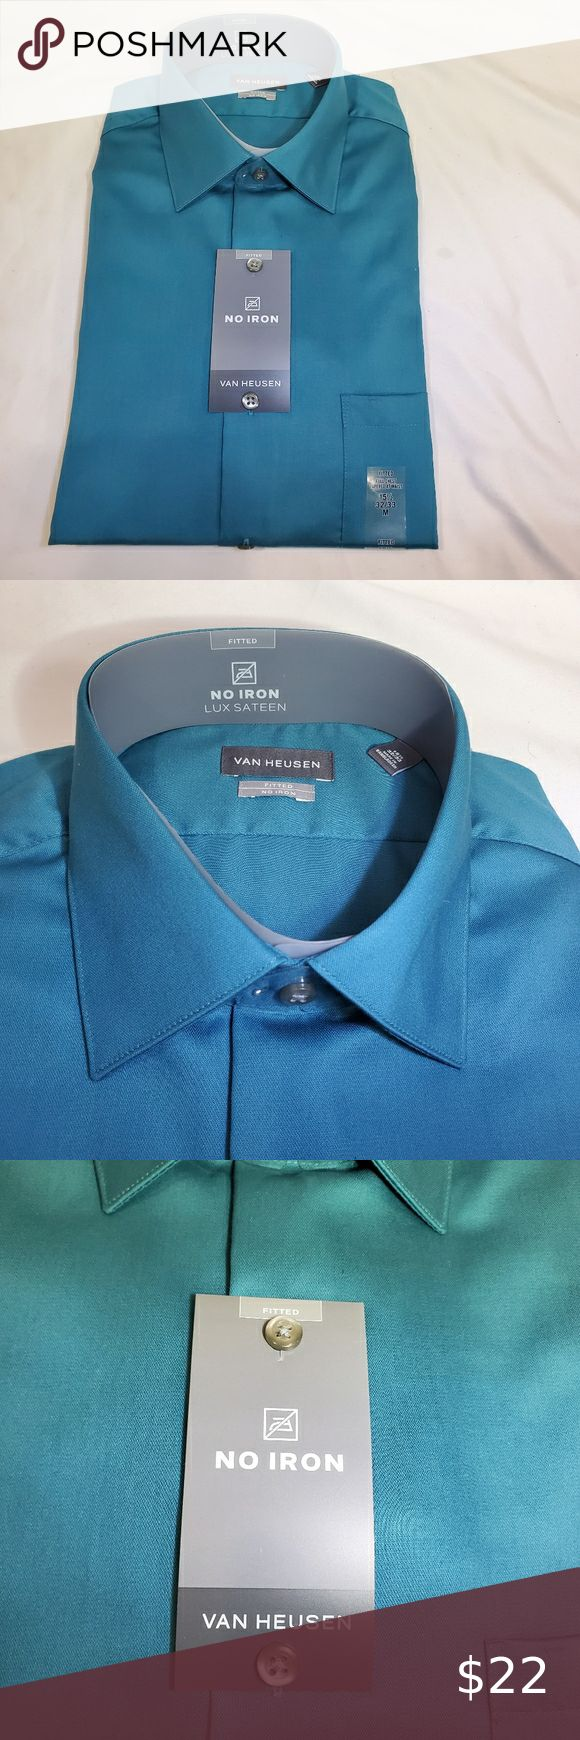 Van Heusen No Iron Lux Sateen Mens Dress Shirt Mens Shirt Dress Dark Blue Dress Shirt Long Sleeve Fitted Dress [ 1740 x 580 Pixel ]